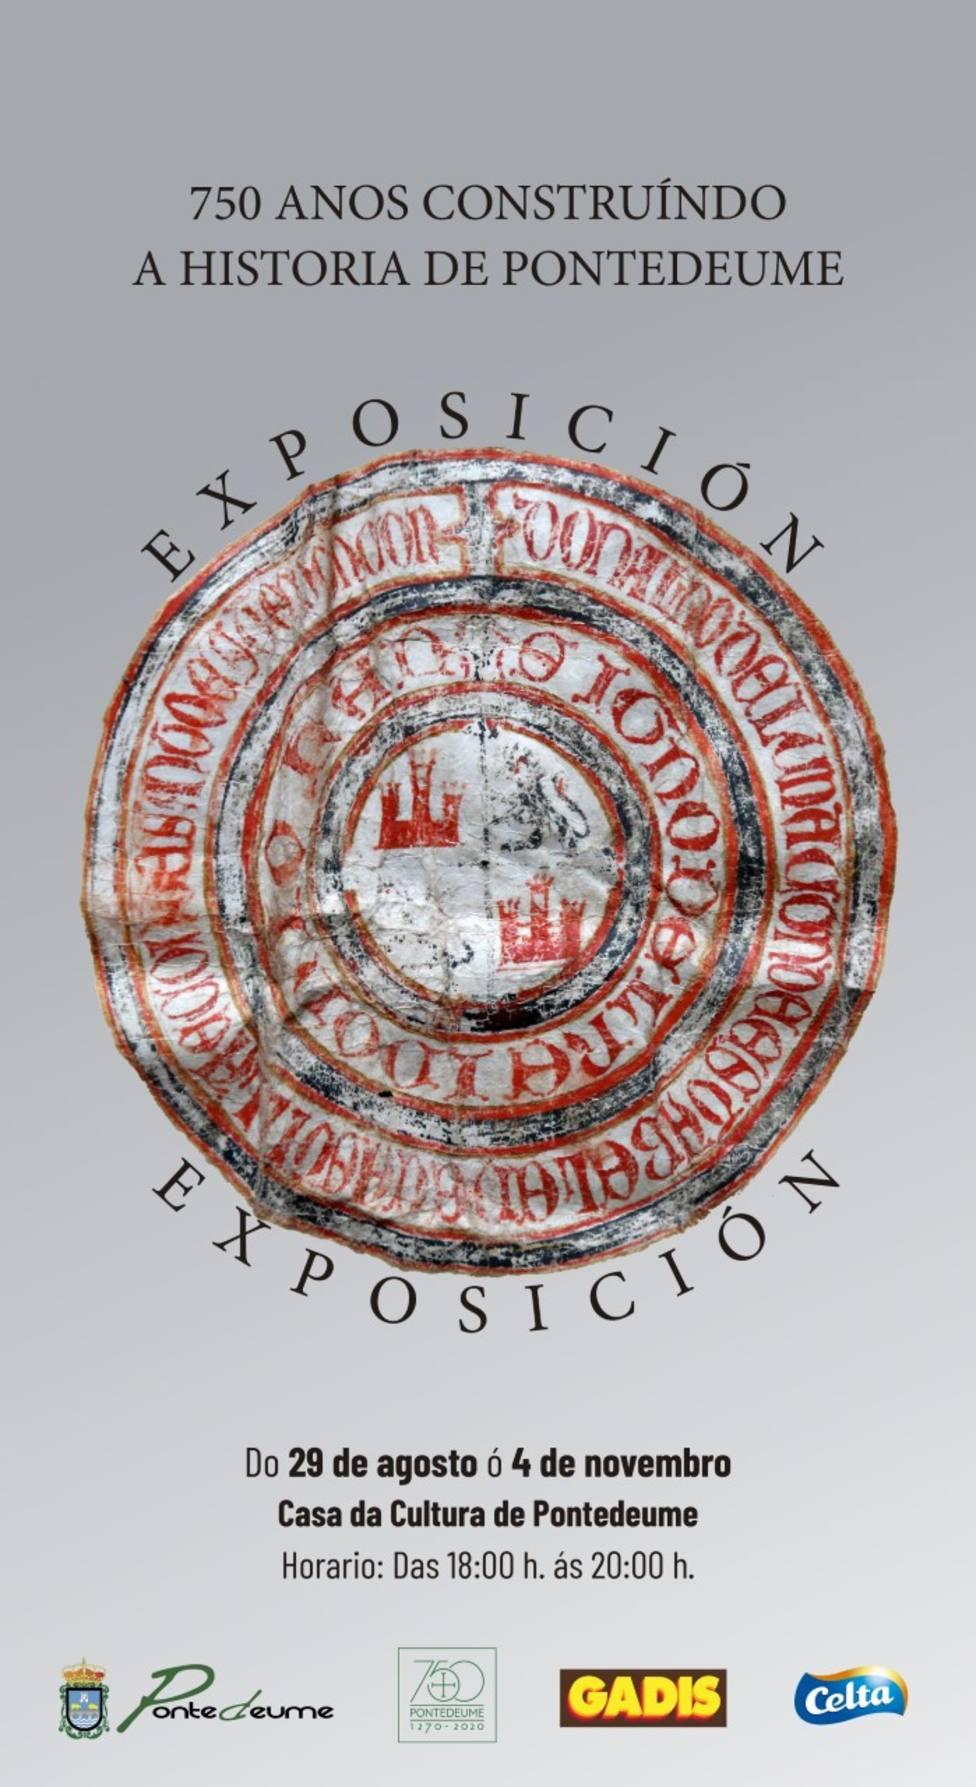 La exposición se podrá visitar hasta el próximo 4 de noviembre - FOTO: Concello Pontedeume